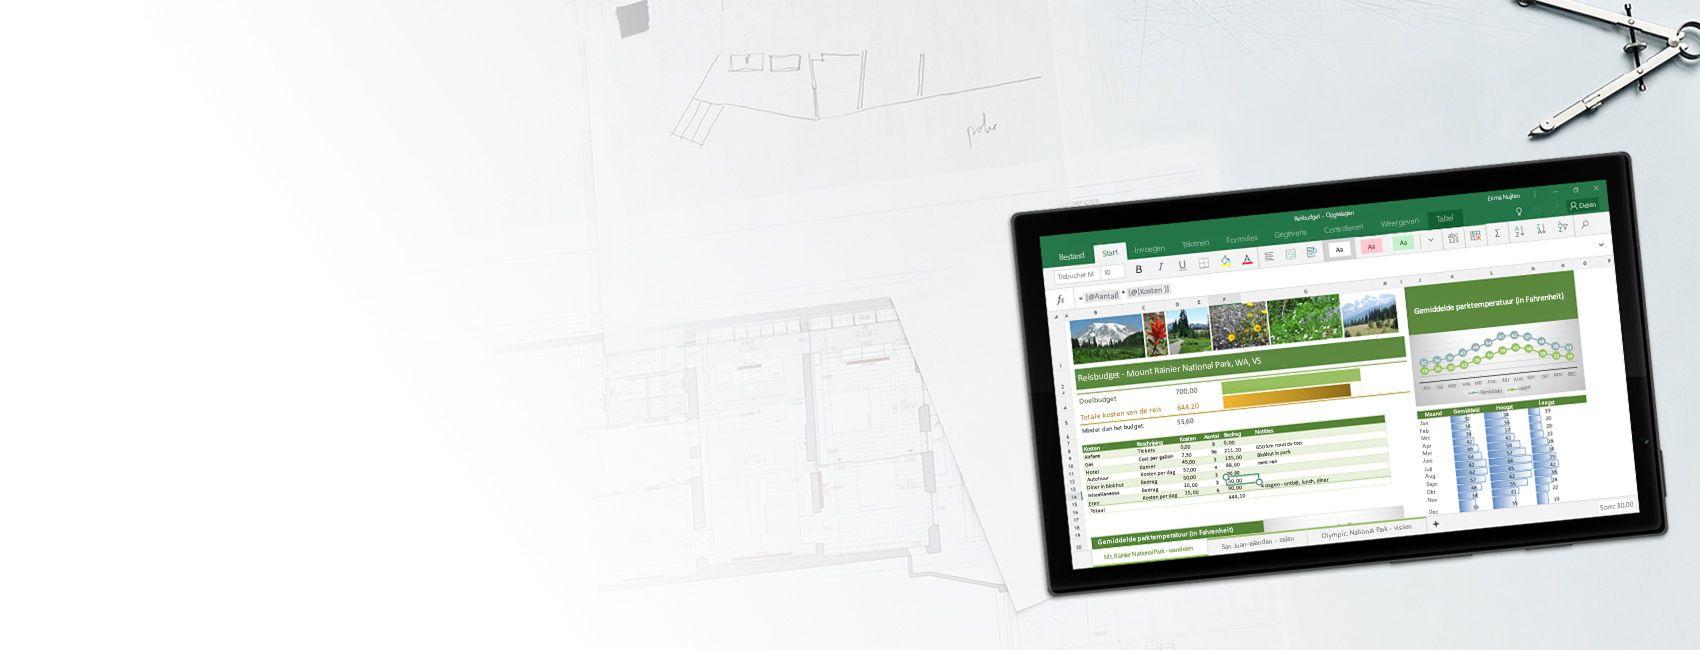 Windows-tablet met een Excel-werkblad met een voorbeelddiagram en reisbudgetrapport in Excel voor Windows 10 Mobile